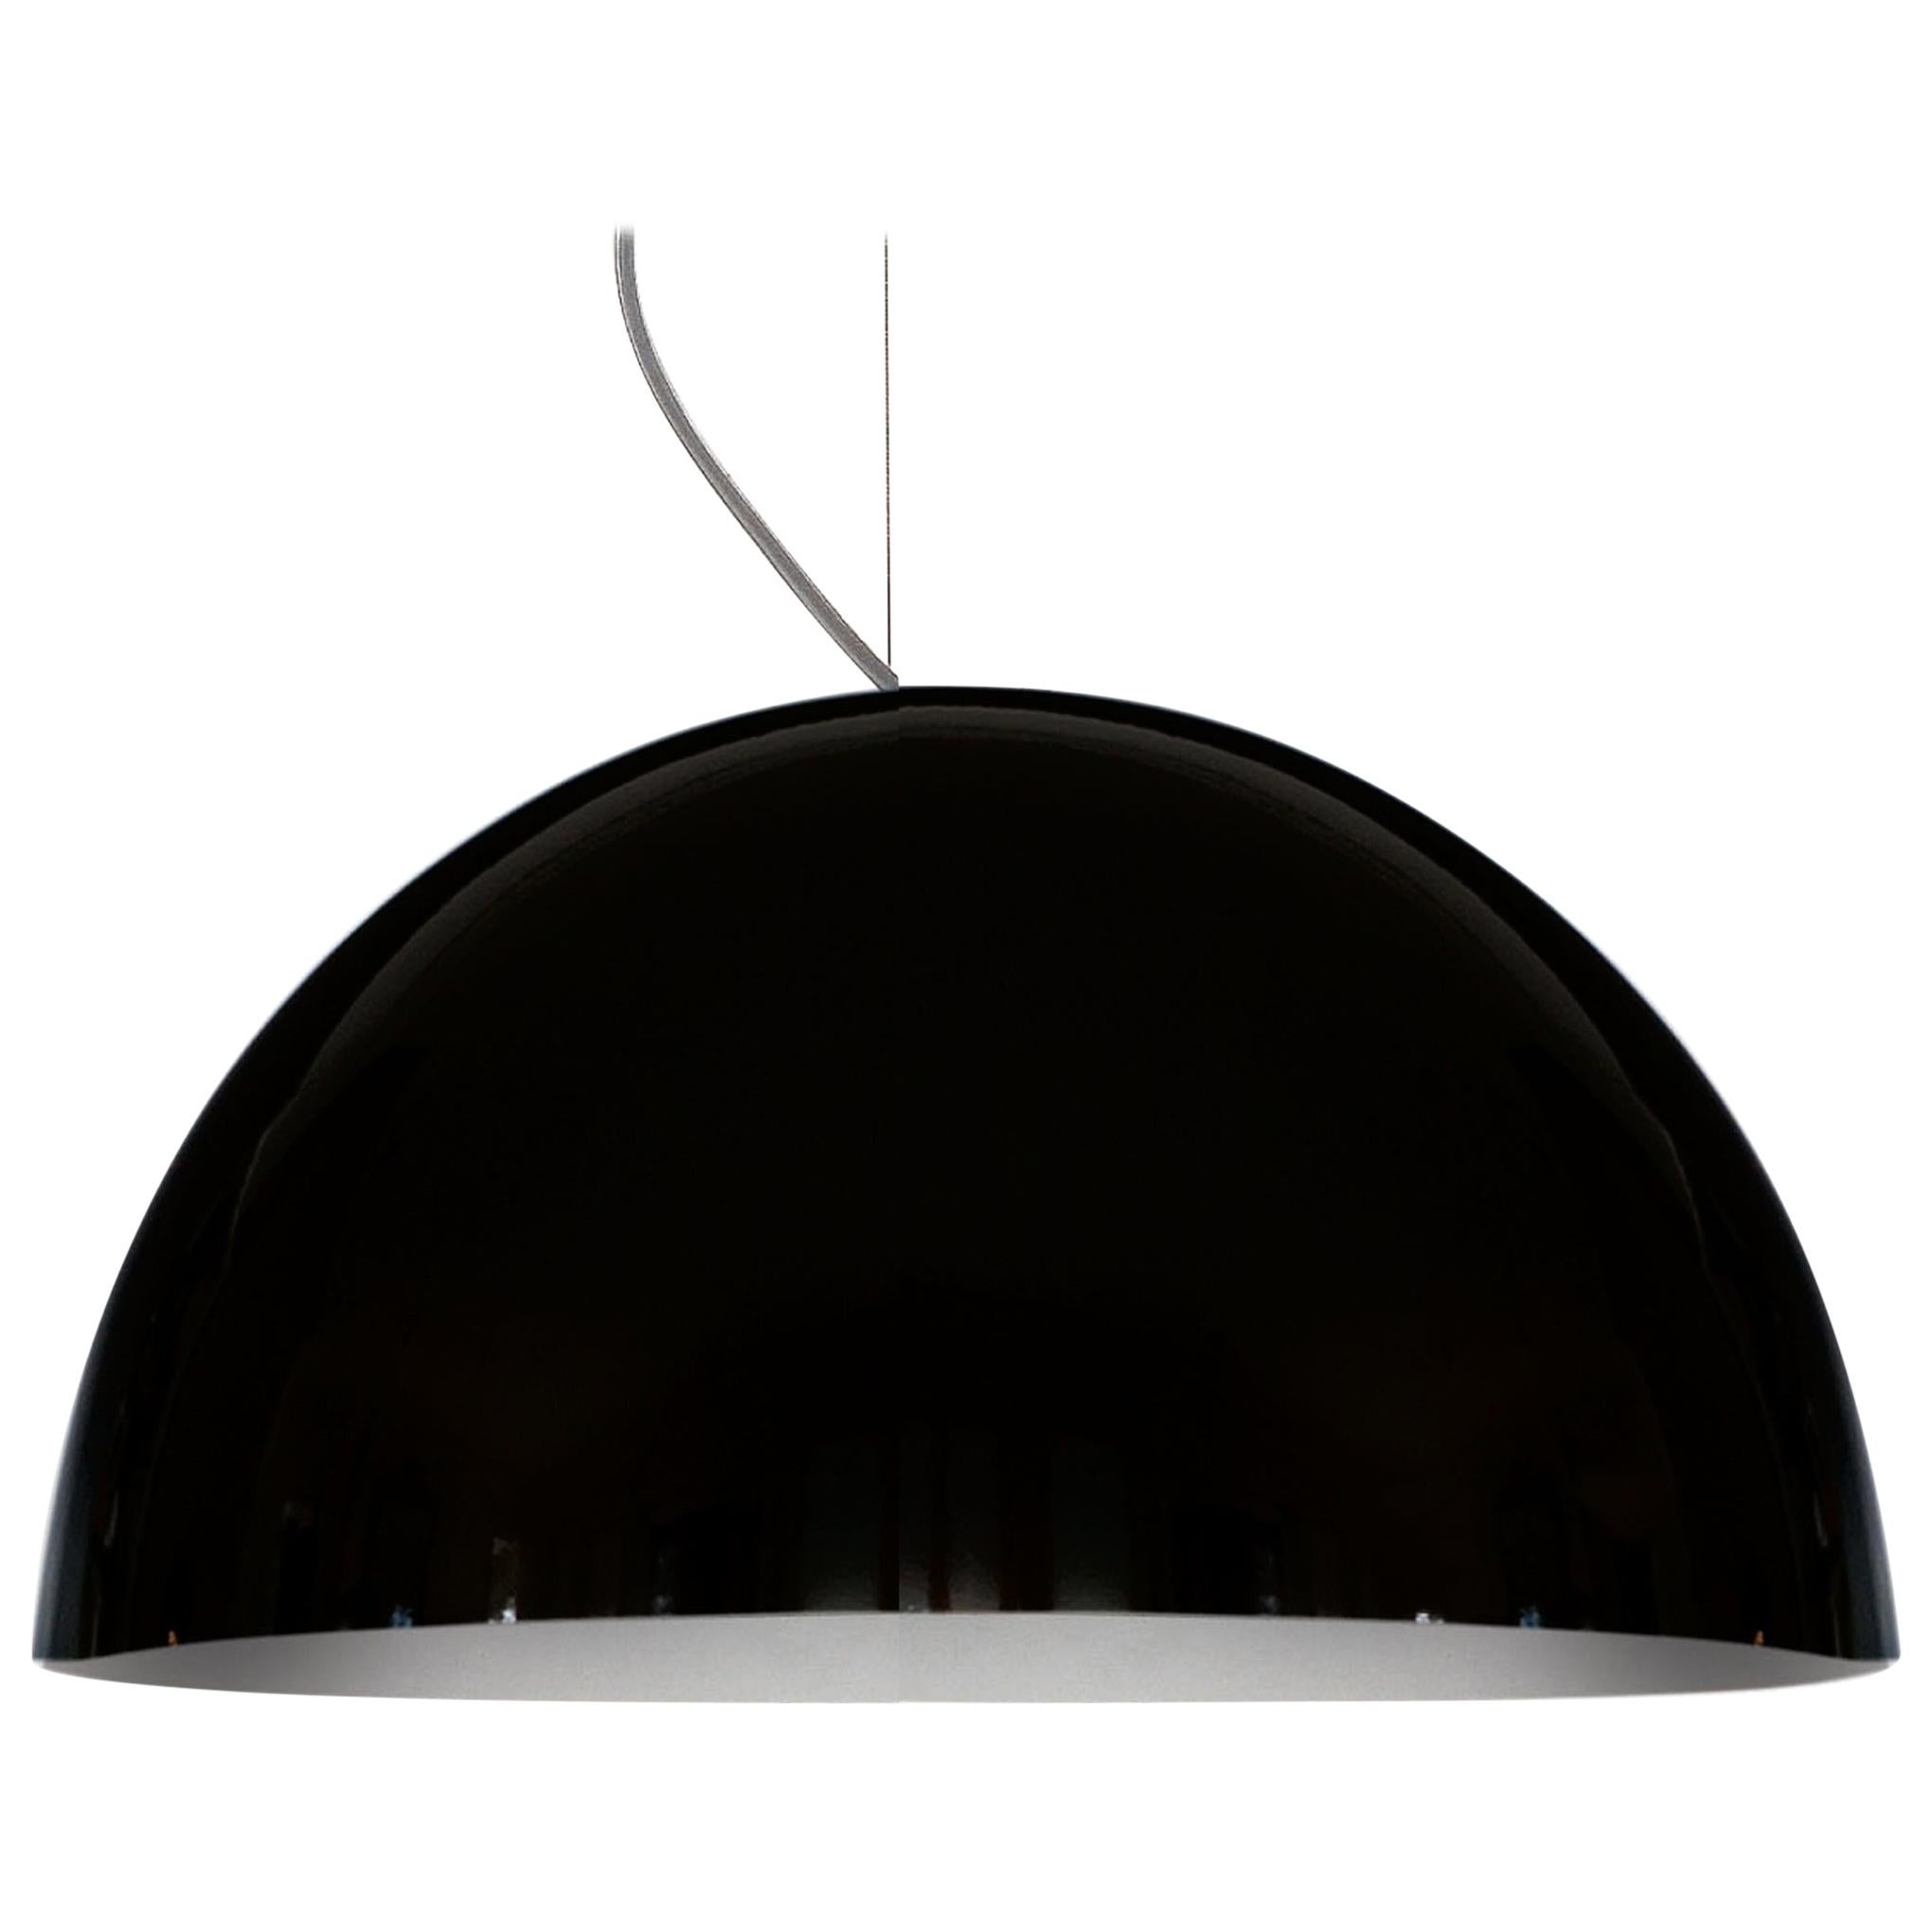 Vico Magistretti Suspension Lamp 'Sonora' 490 Black by Oluce